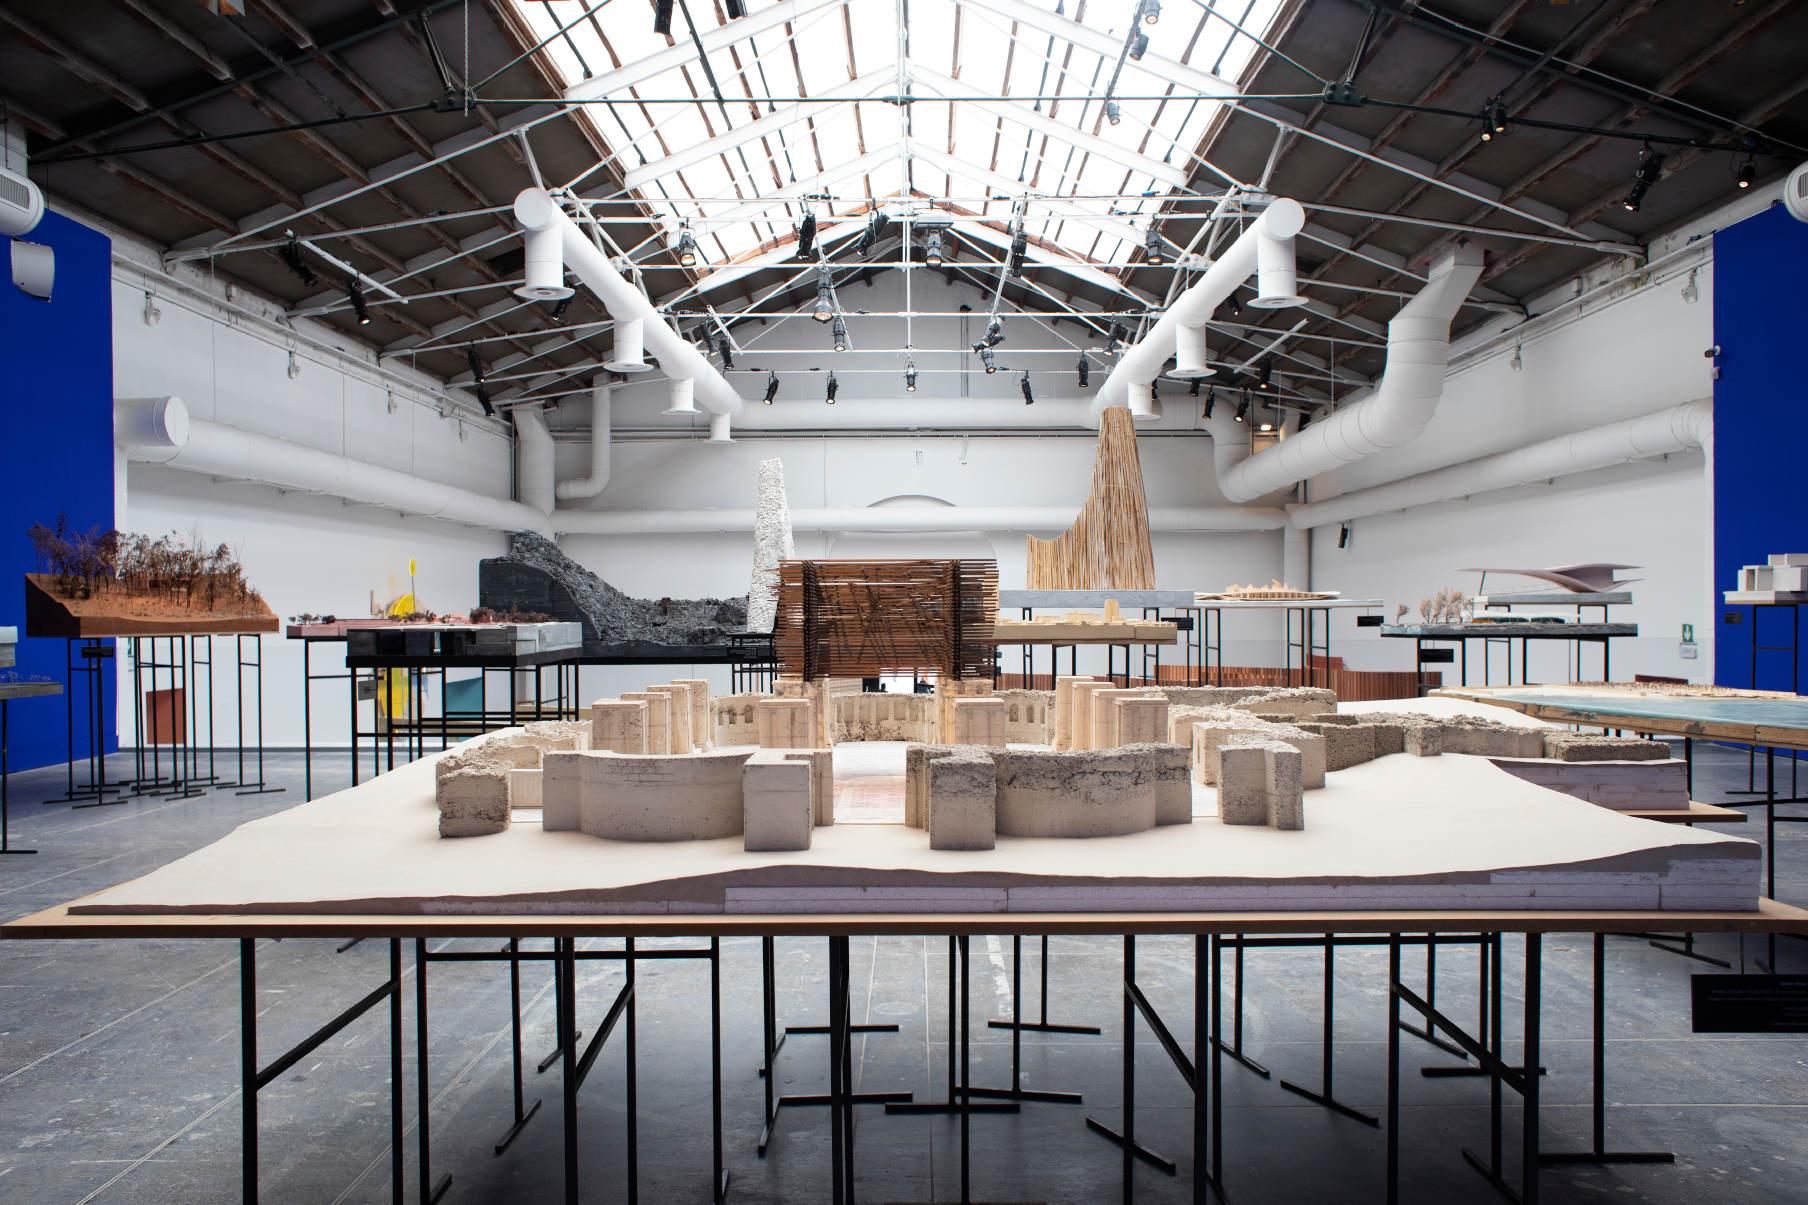 Zumthor Biennale Venezia